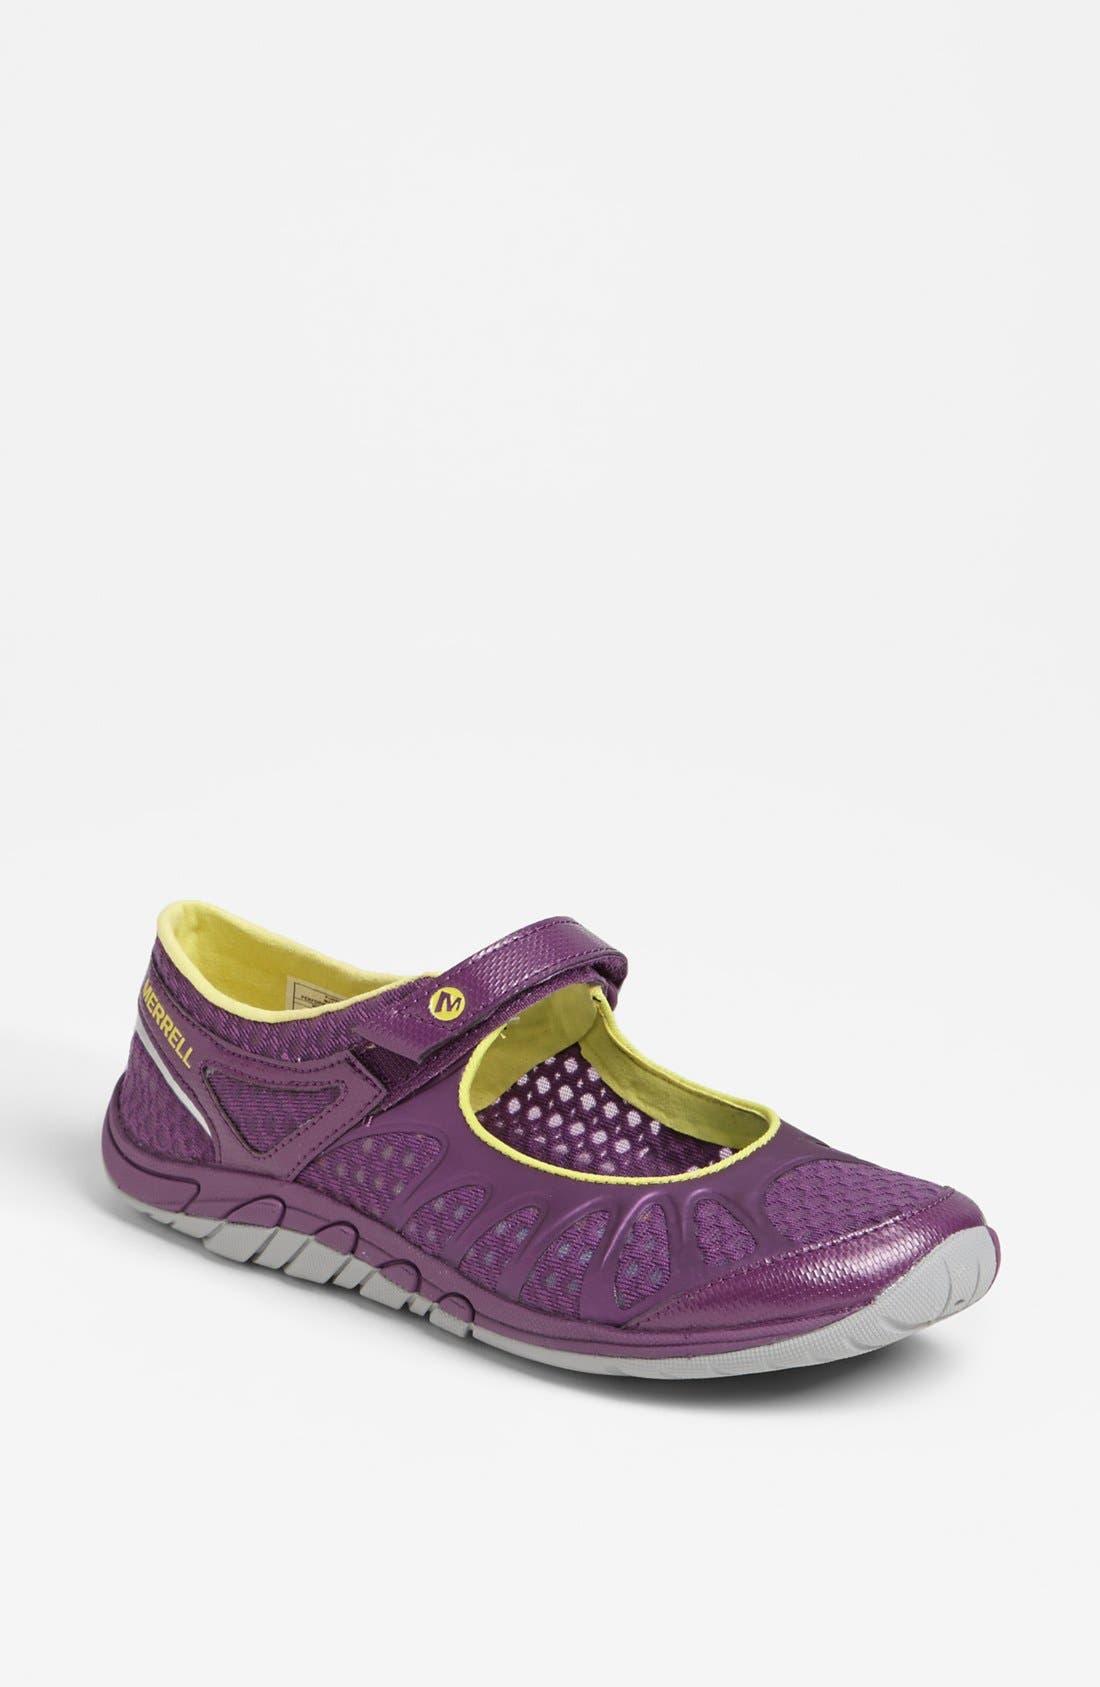 Main Image - Merrell 'Crush Glove' Training Shoe (Women)